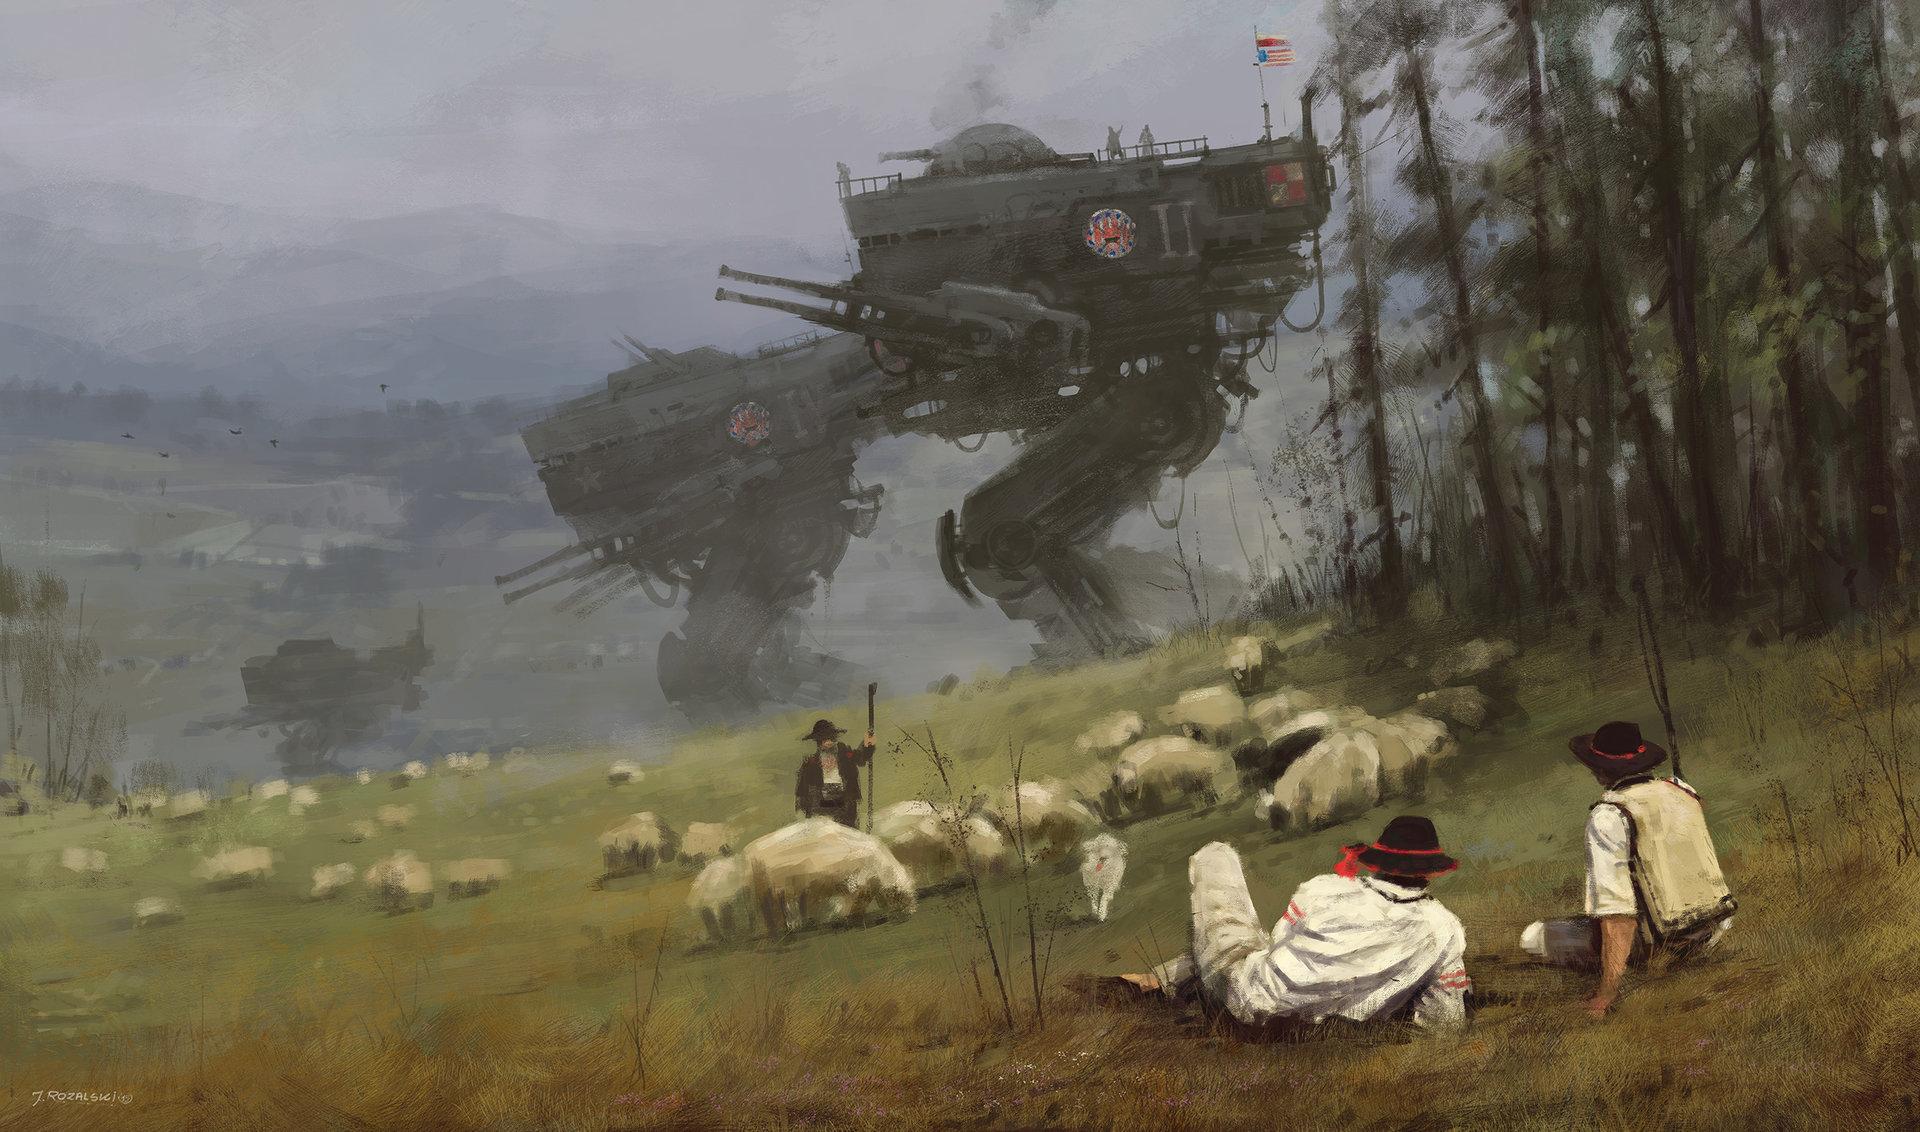 Jakub rozalski 1920 kosciuszko 01 small